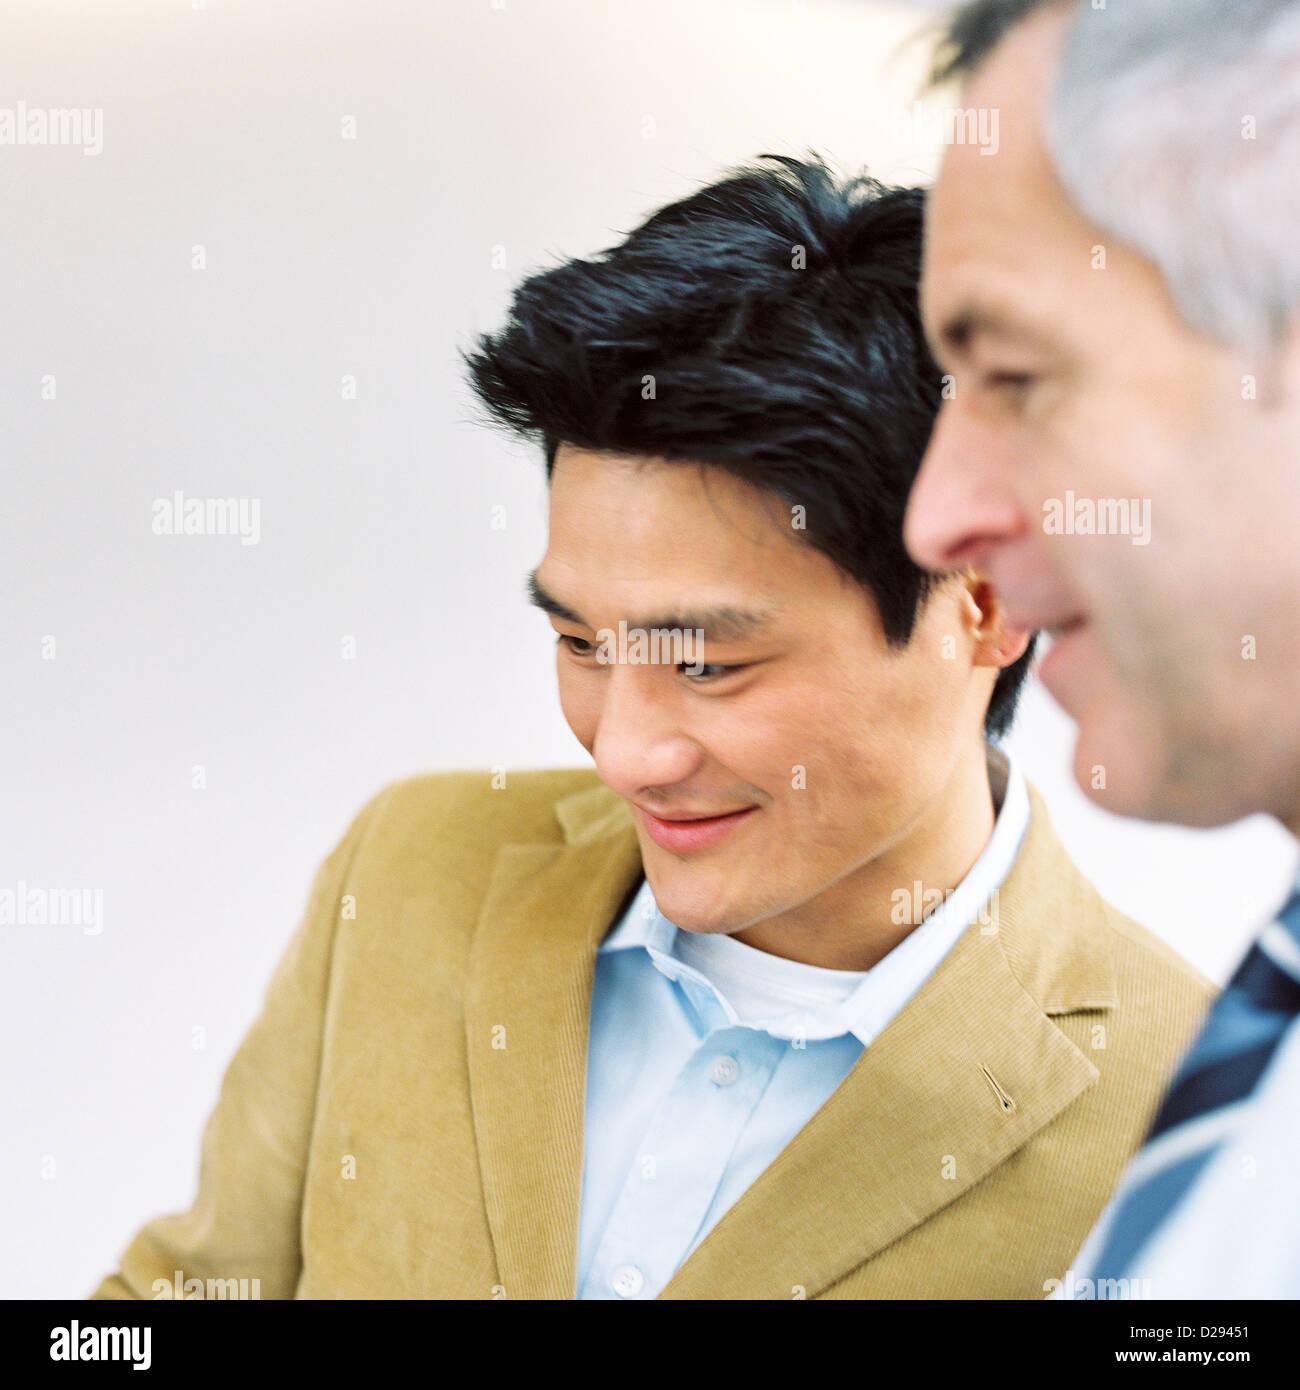 Business-Leute Mann Vertrauen Zusammenarbeit Laptop lizenzfrei außer anzeigen und Reklametafeln Stockbild